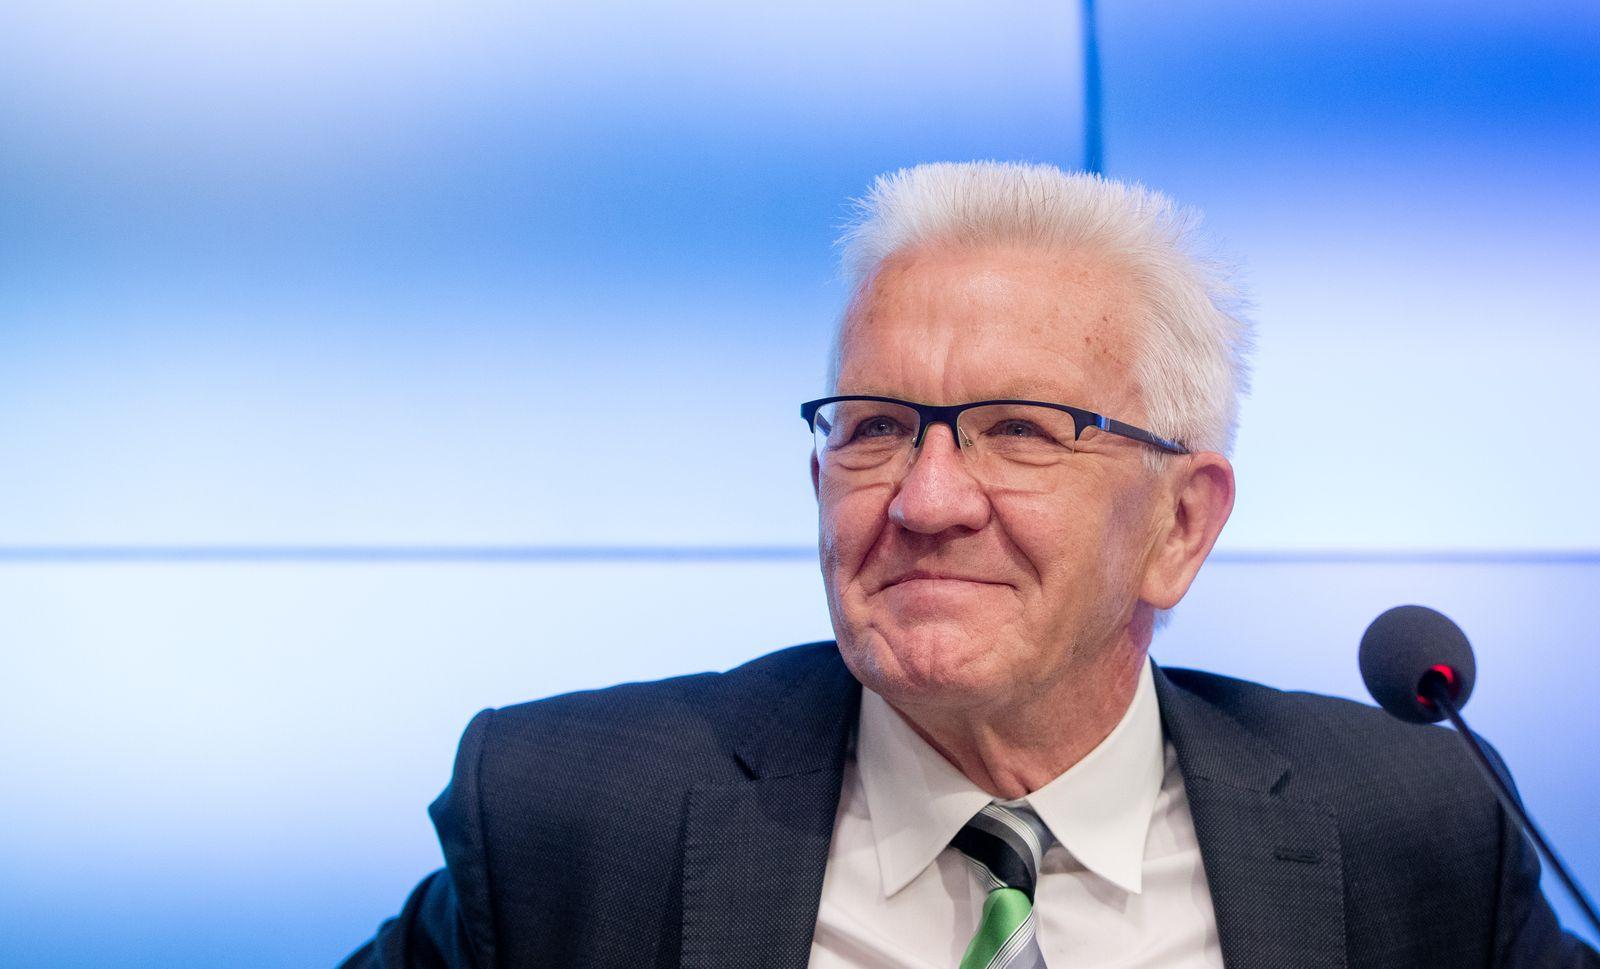 Regierungspressekonferenz Baden-Württemberg zu Corona